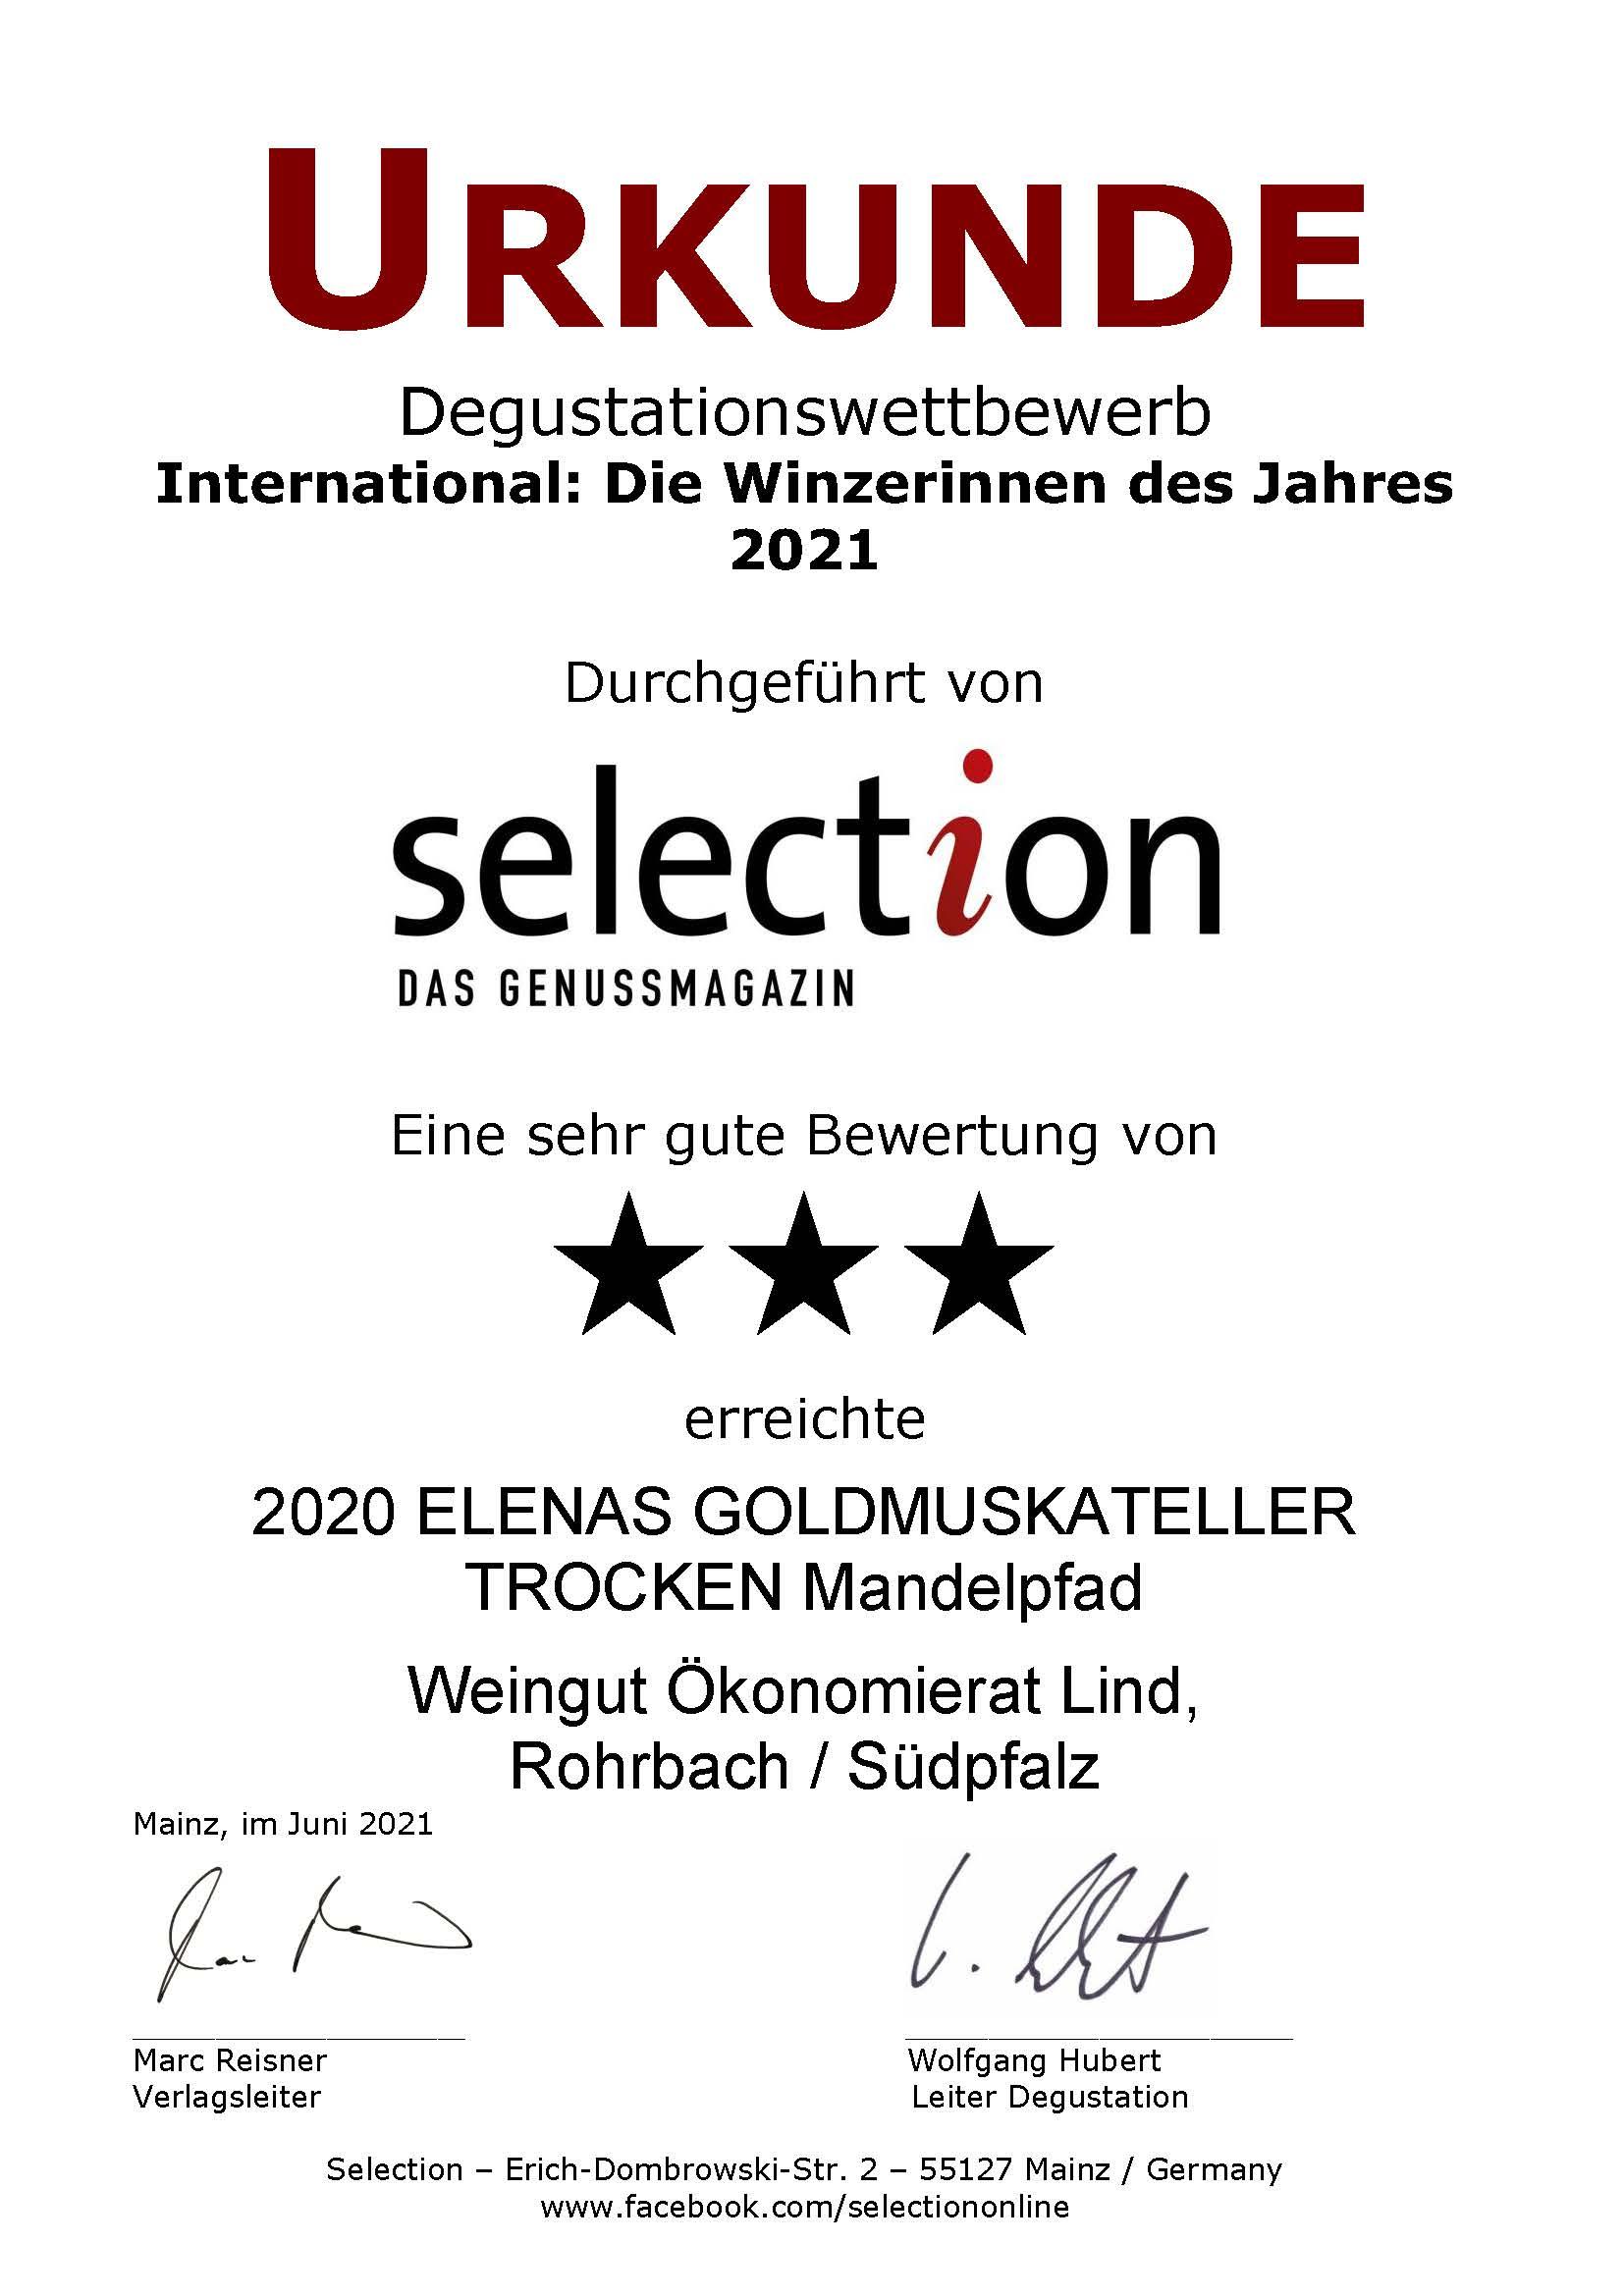 """3 Sterne beim internationalen Degustationswettbewerb """"International: Die Winzerinnen des Jahres 2021"""". Unser 2020 ELENAS GOLDMUSKATELLER TROCKEN Mandelpfad wurde von der Weinfachzeitschrift Selection mit einer Silbermedaille ausgezeichnet."""